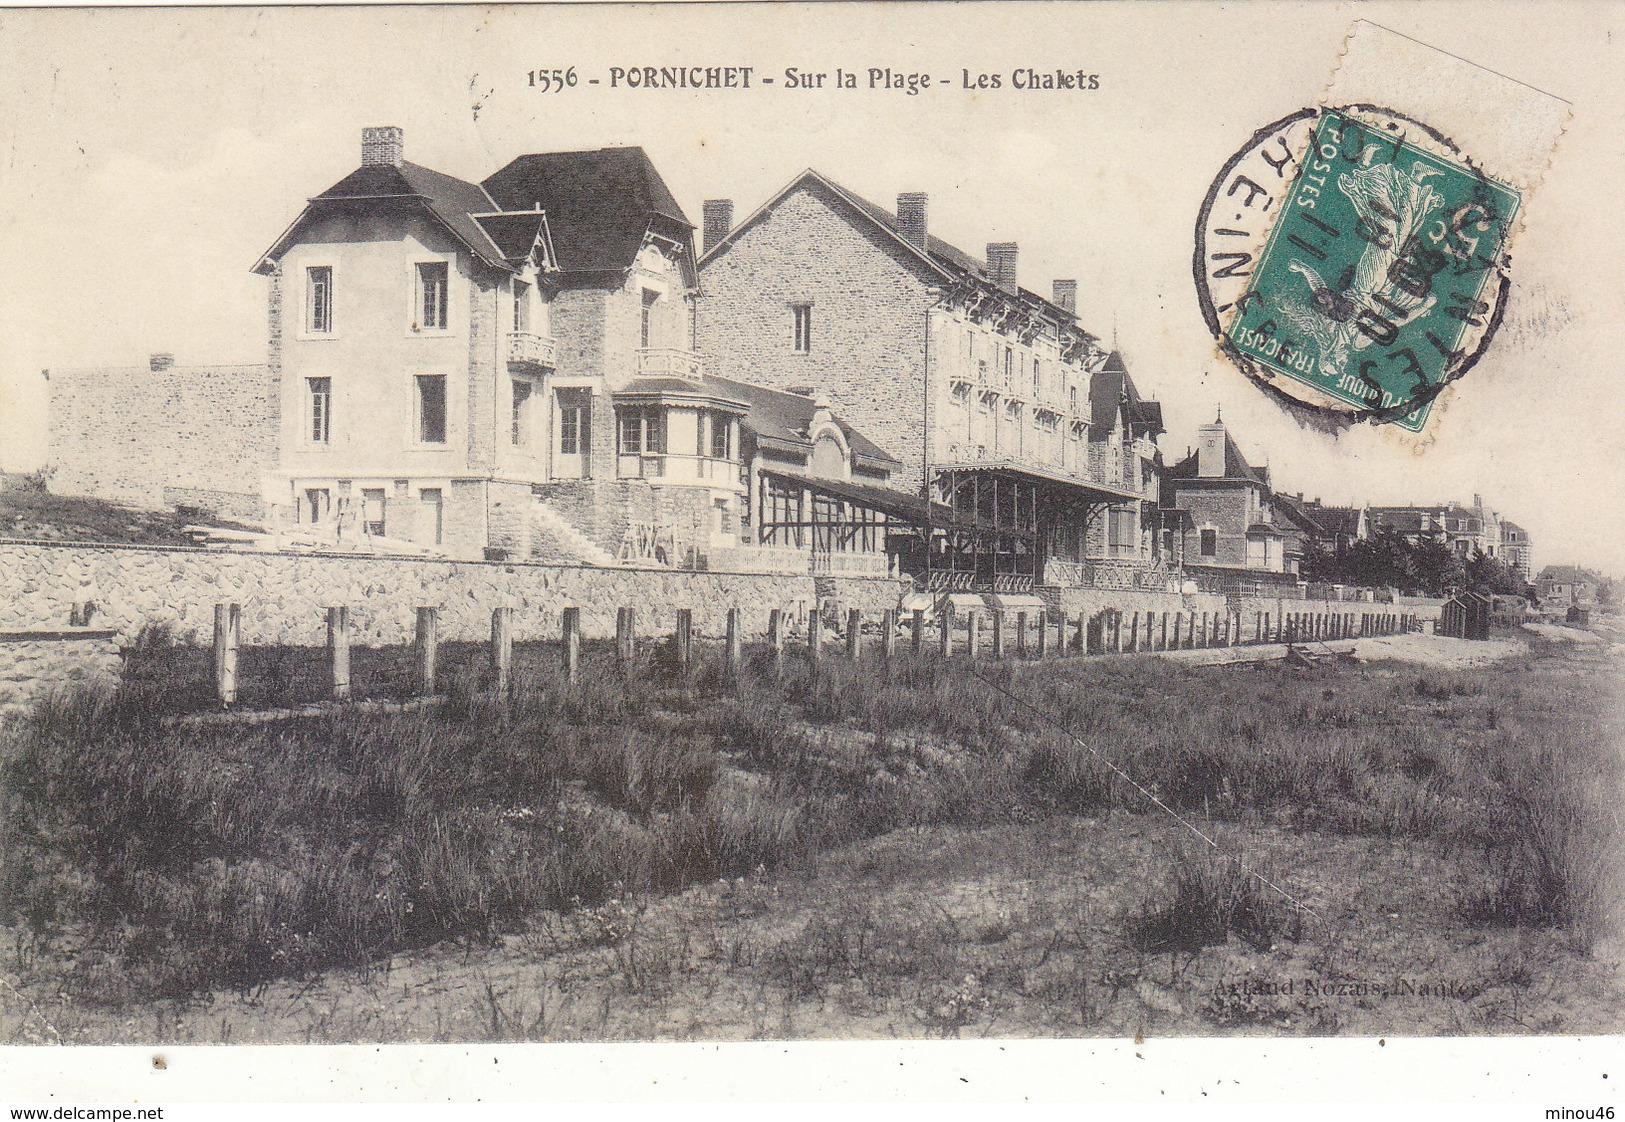 PORNICHET : LES CHALETS SUR LA PLAGE.1911.B.ETAT.PETIT PRIX.COMPAREZ!!! - Pornichet